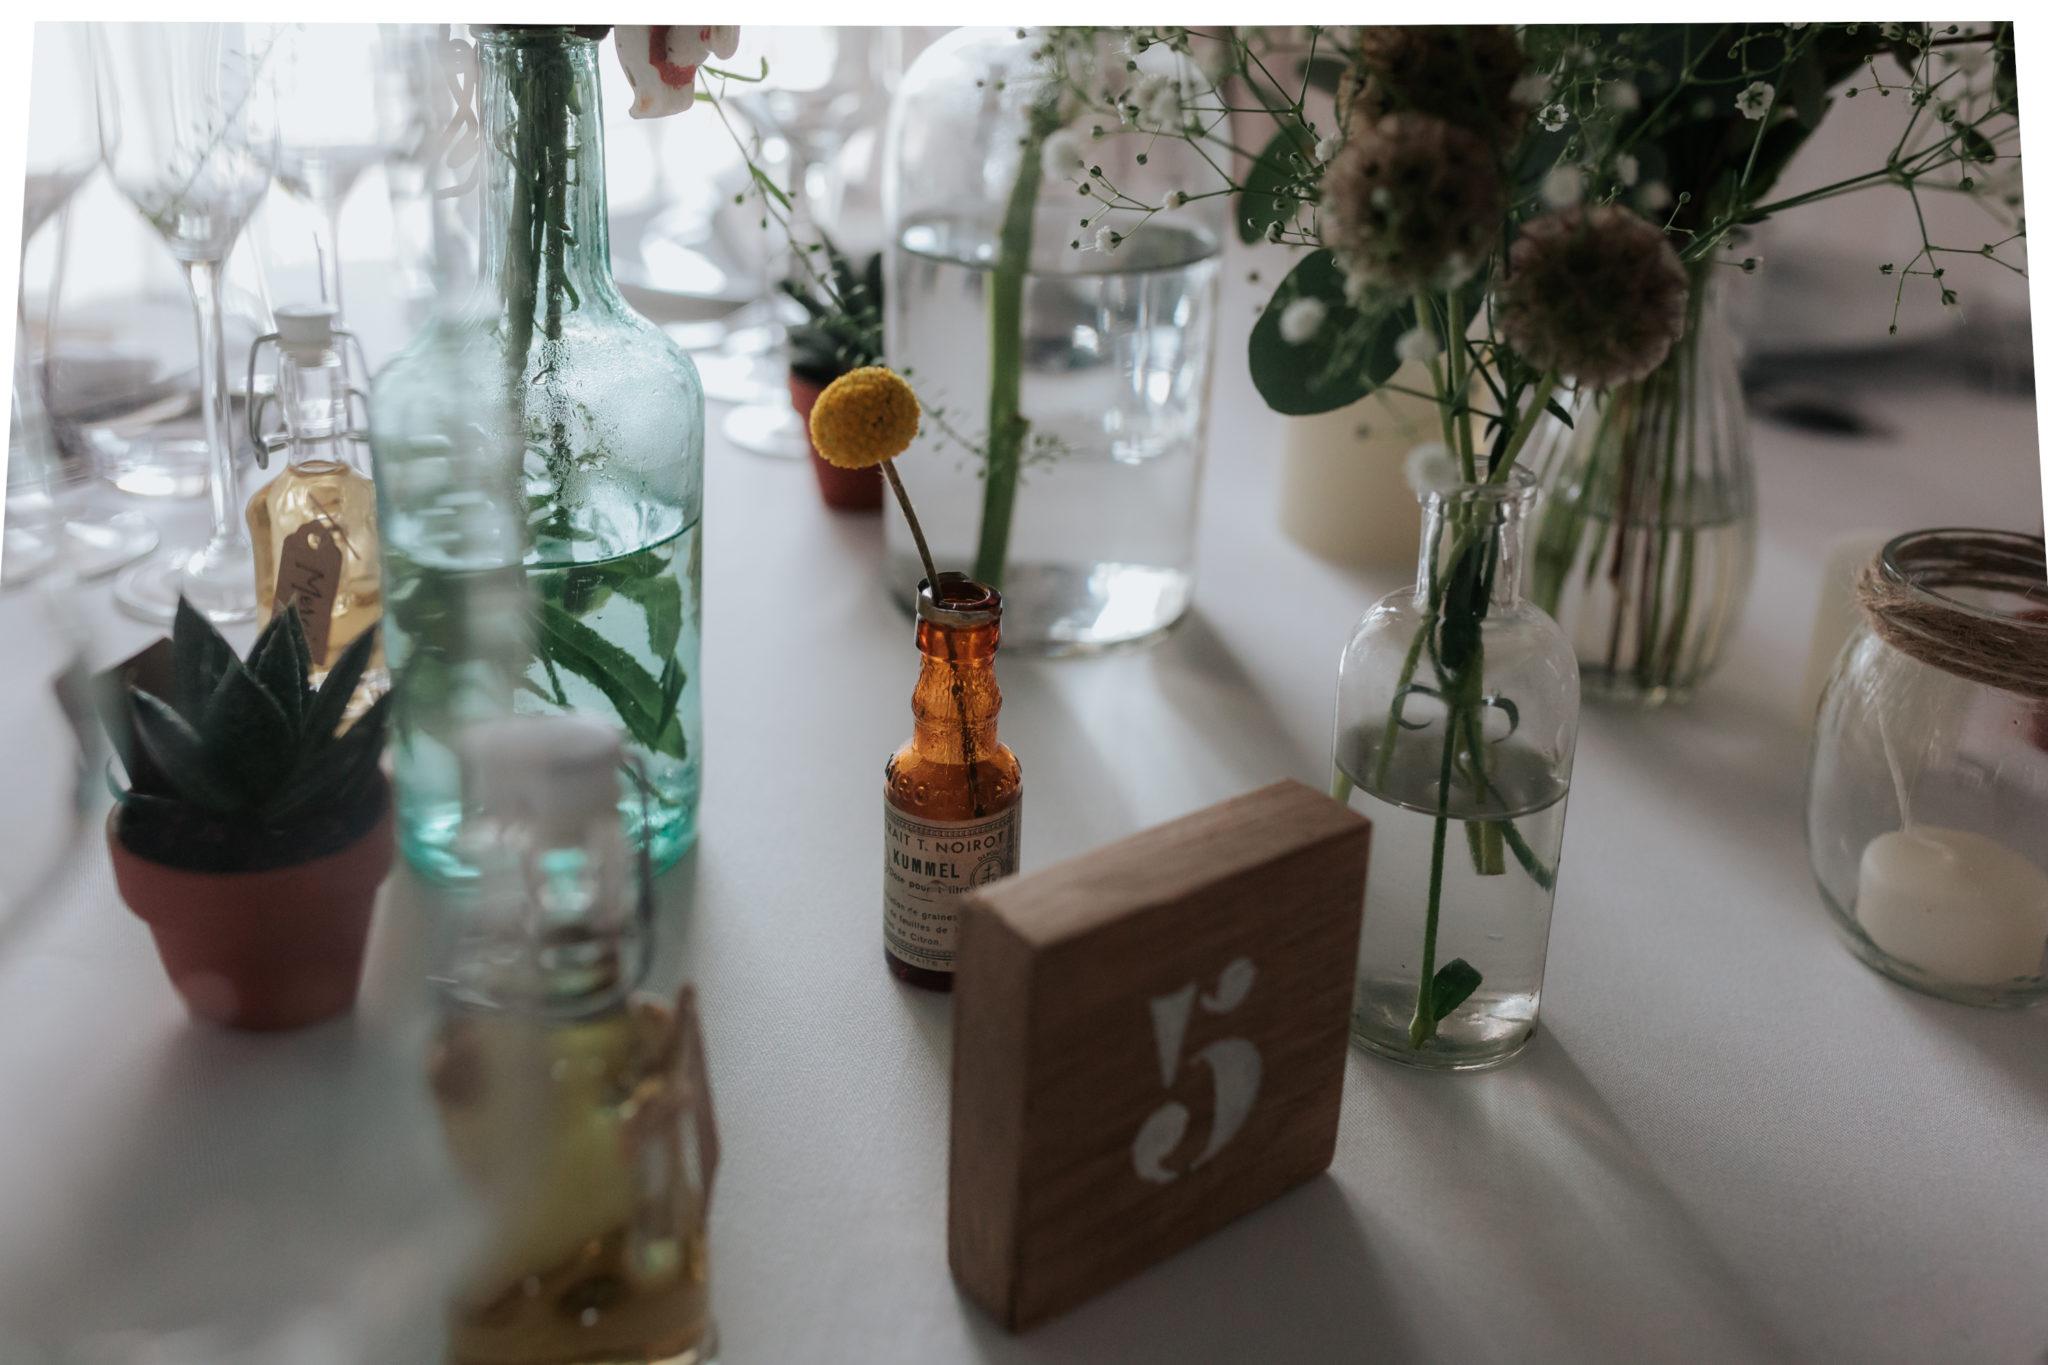 Décoration tables fleurs flacon kinfolk botanique Domaine Laumondiere Bagnoles de l'Orne